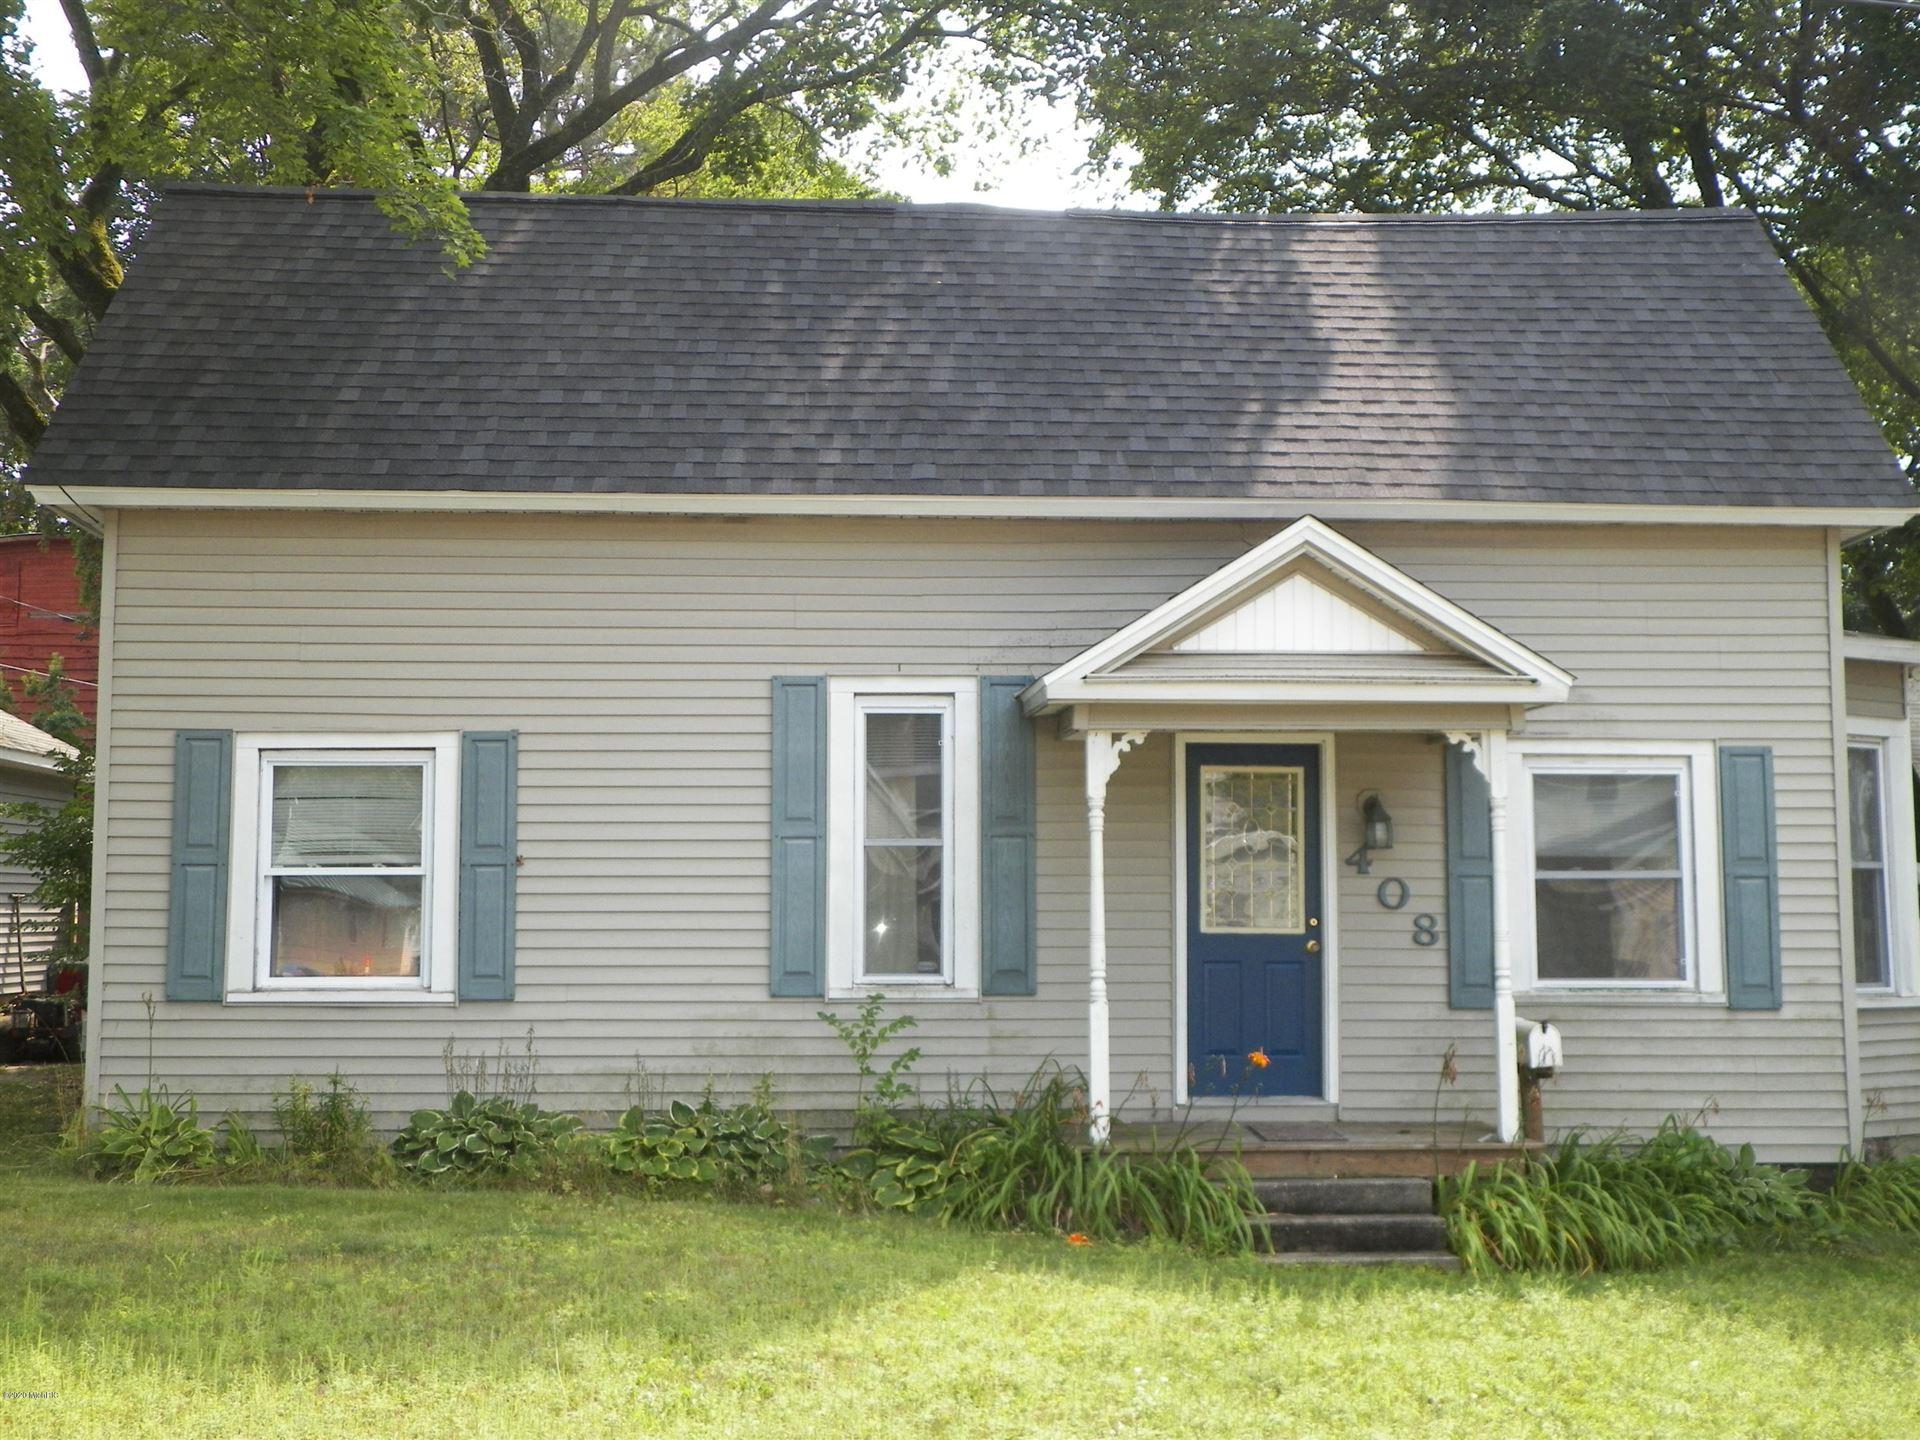 408 W Garfield Street, Cadillac, MI 49601 - MLS#: 20035441